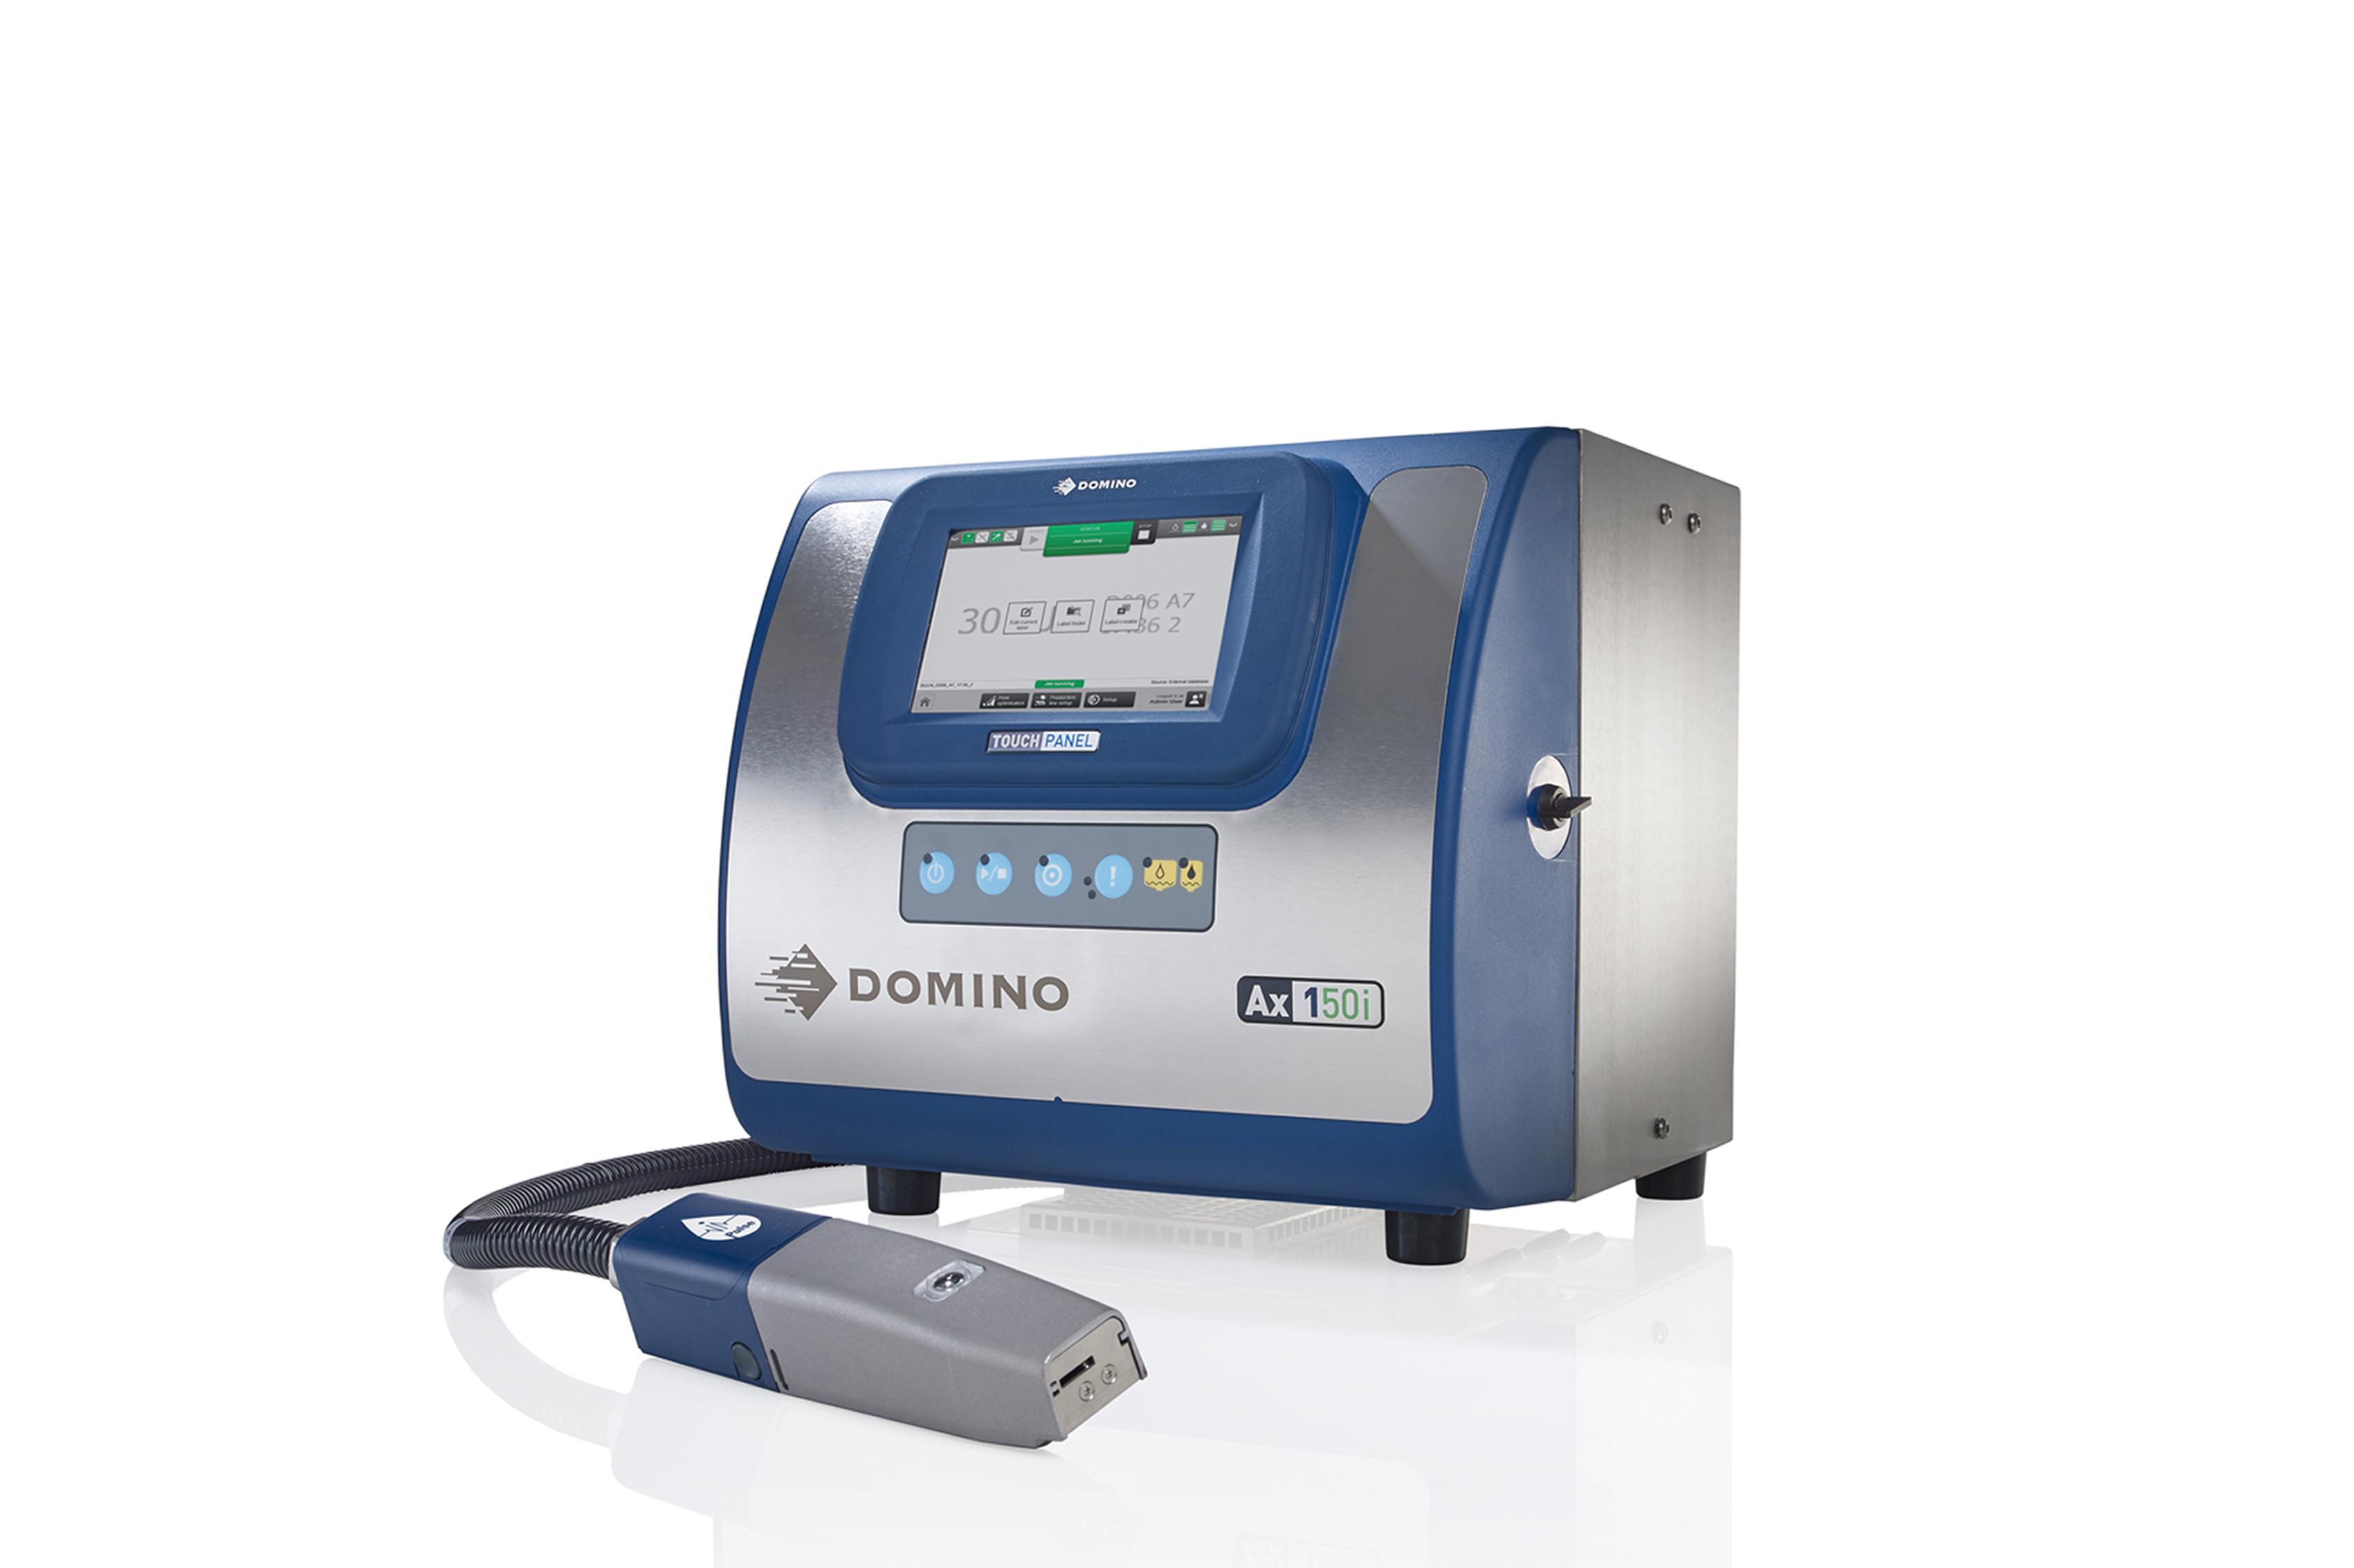 多米诺Ax150i微字符喷码机